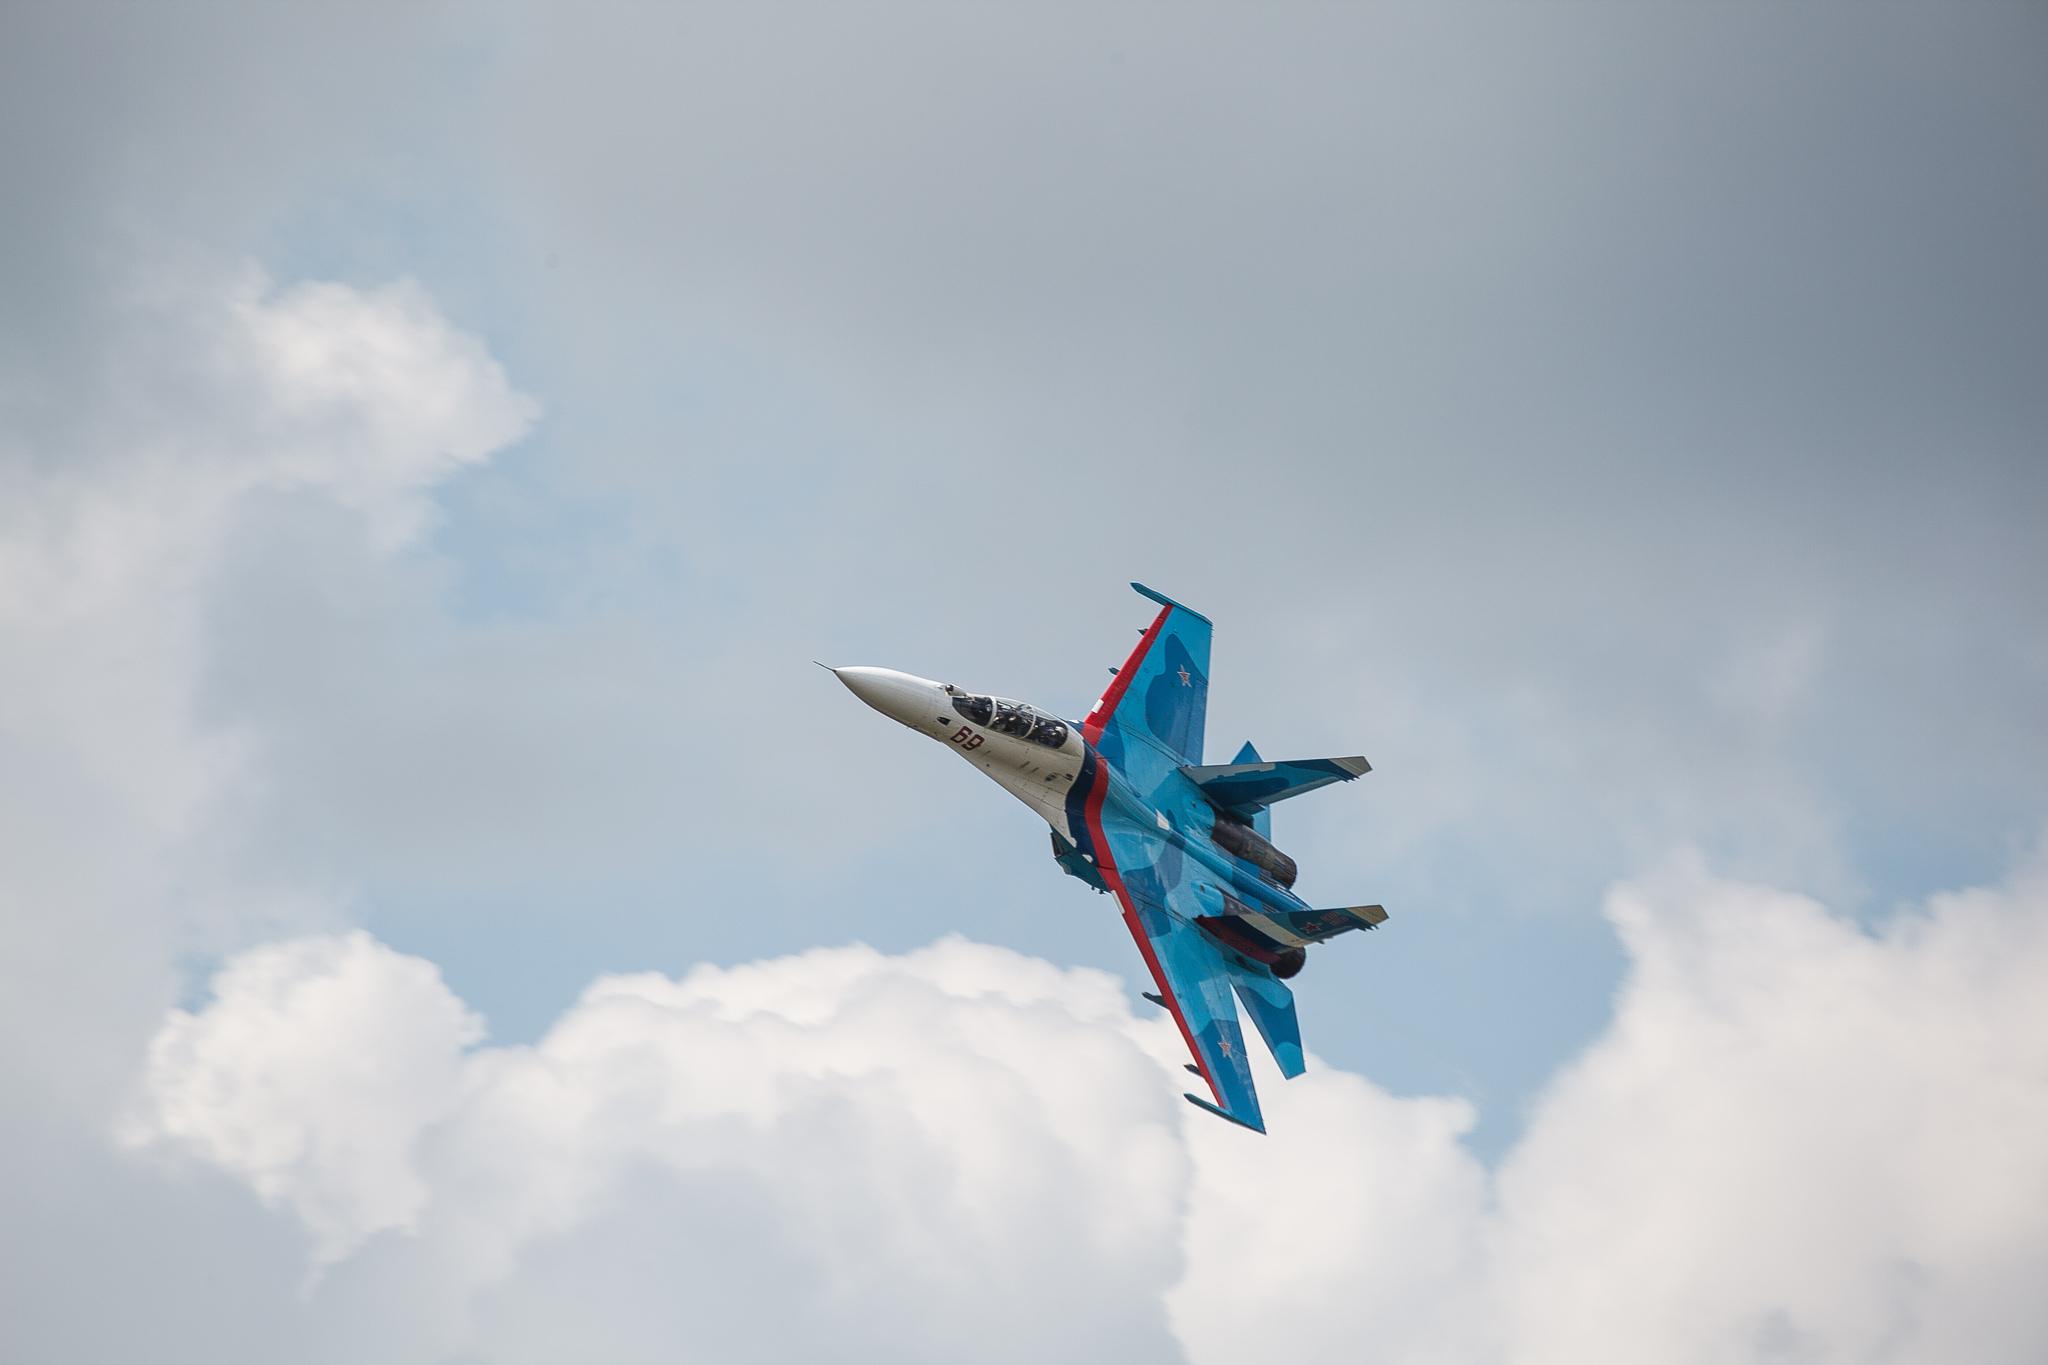 слухи, что фото истребителей россии в небе стоит цевье, закручивается